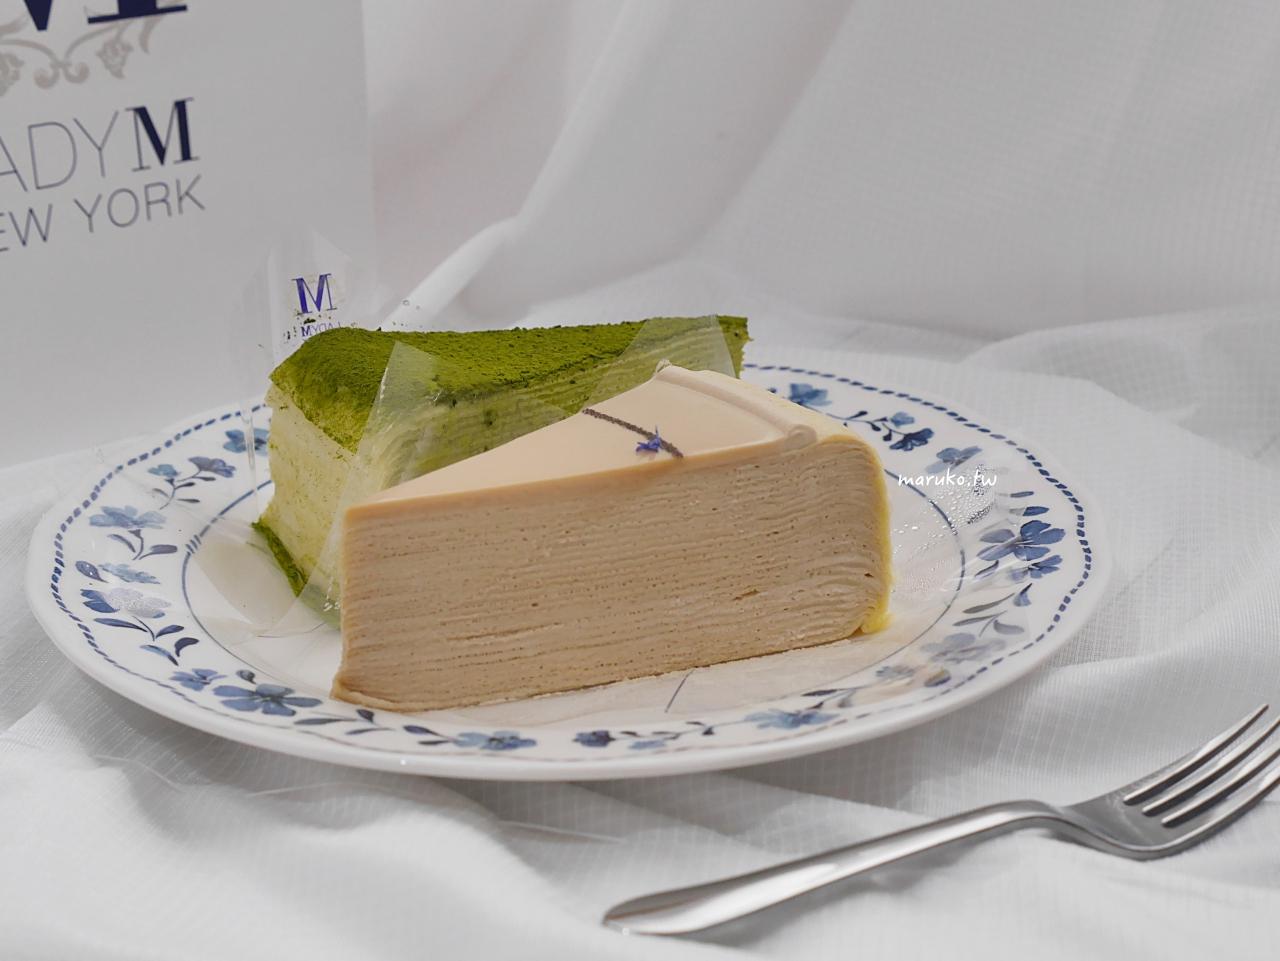 【台北】Lady M 來自紐約千層蛋糕 限定千層酥 只有這裡買的到 外帶分享 @Maruko與美食有個約會